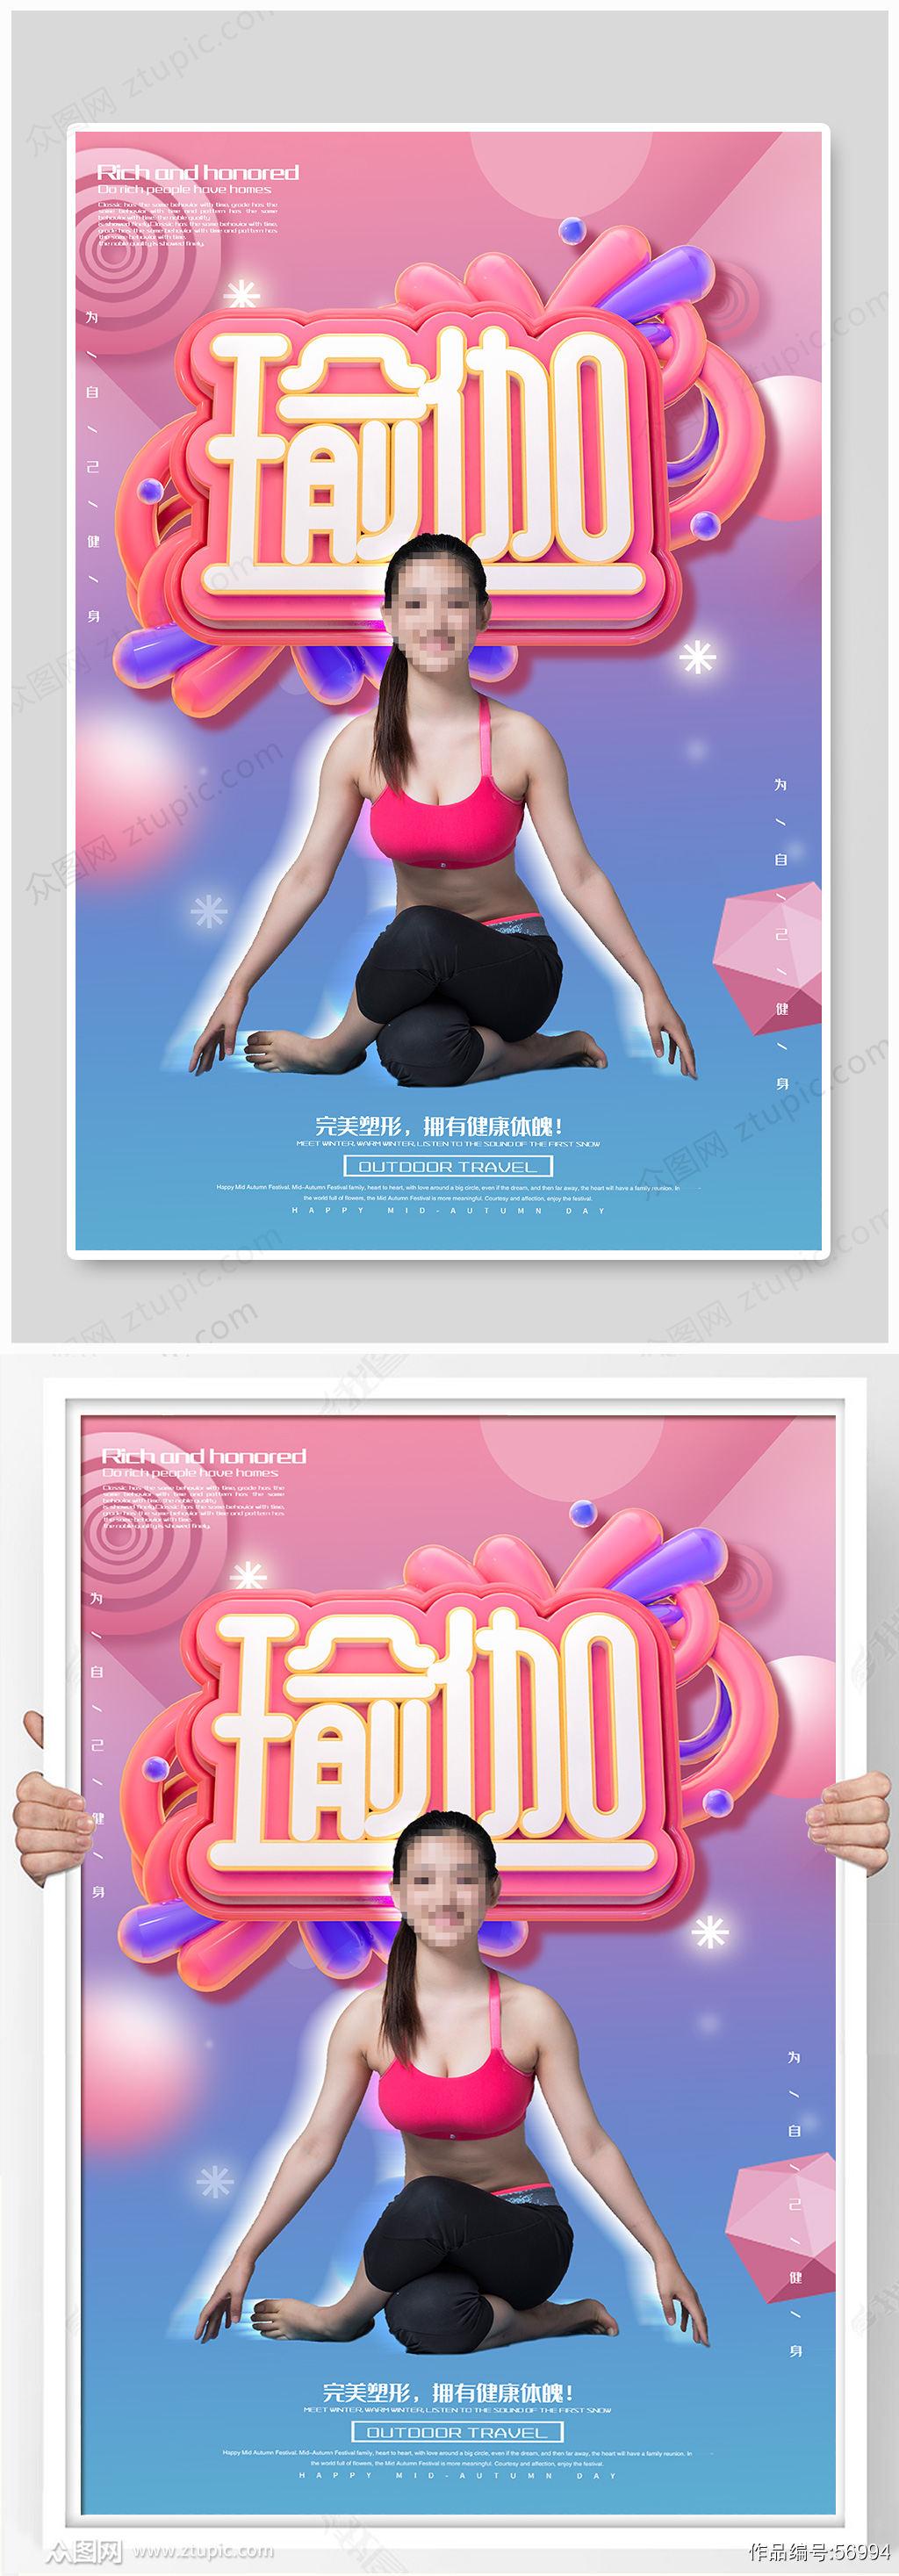 时尚炫彩立体字瑜伽海报素材